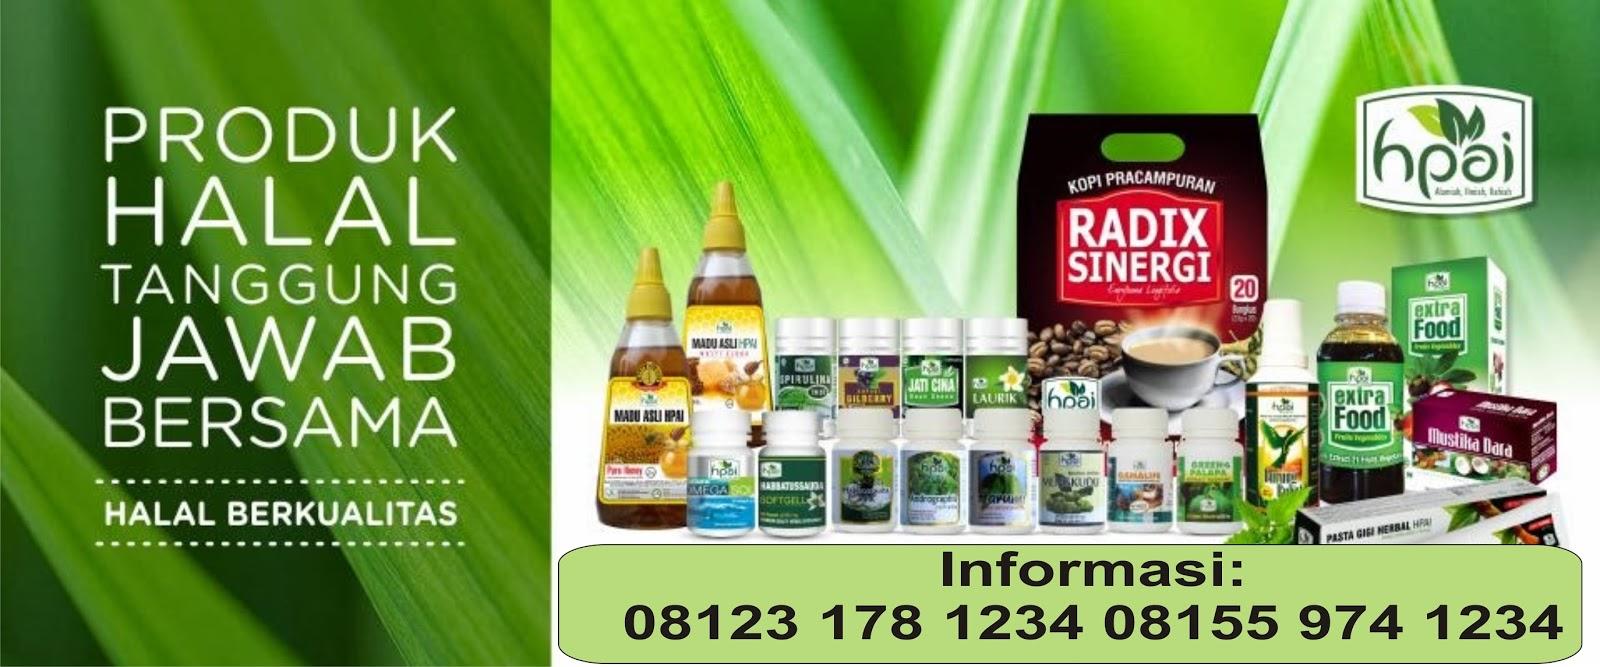 Pusat Hpai Bangka Belitung Extrafood Stokis Daerah Pangalpinang